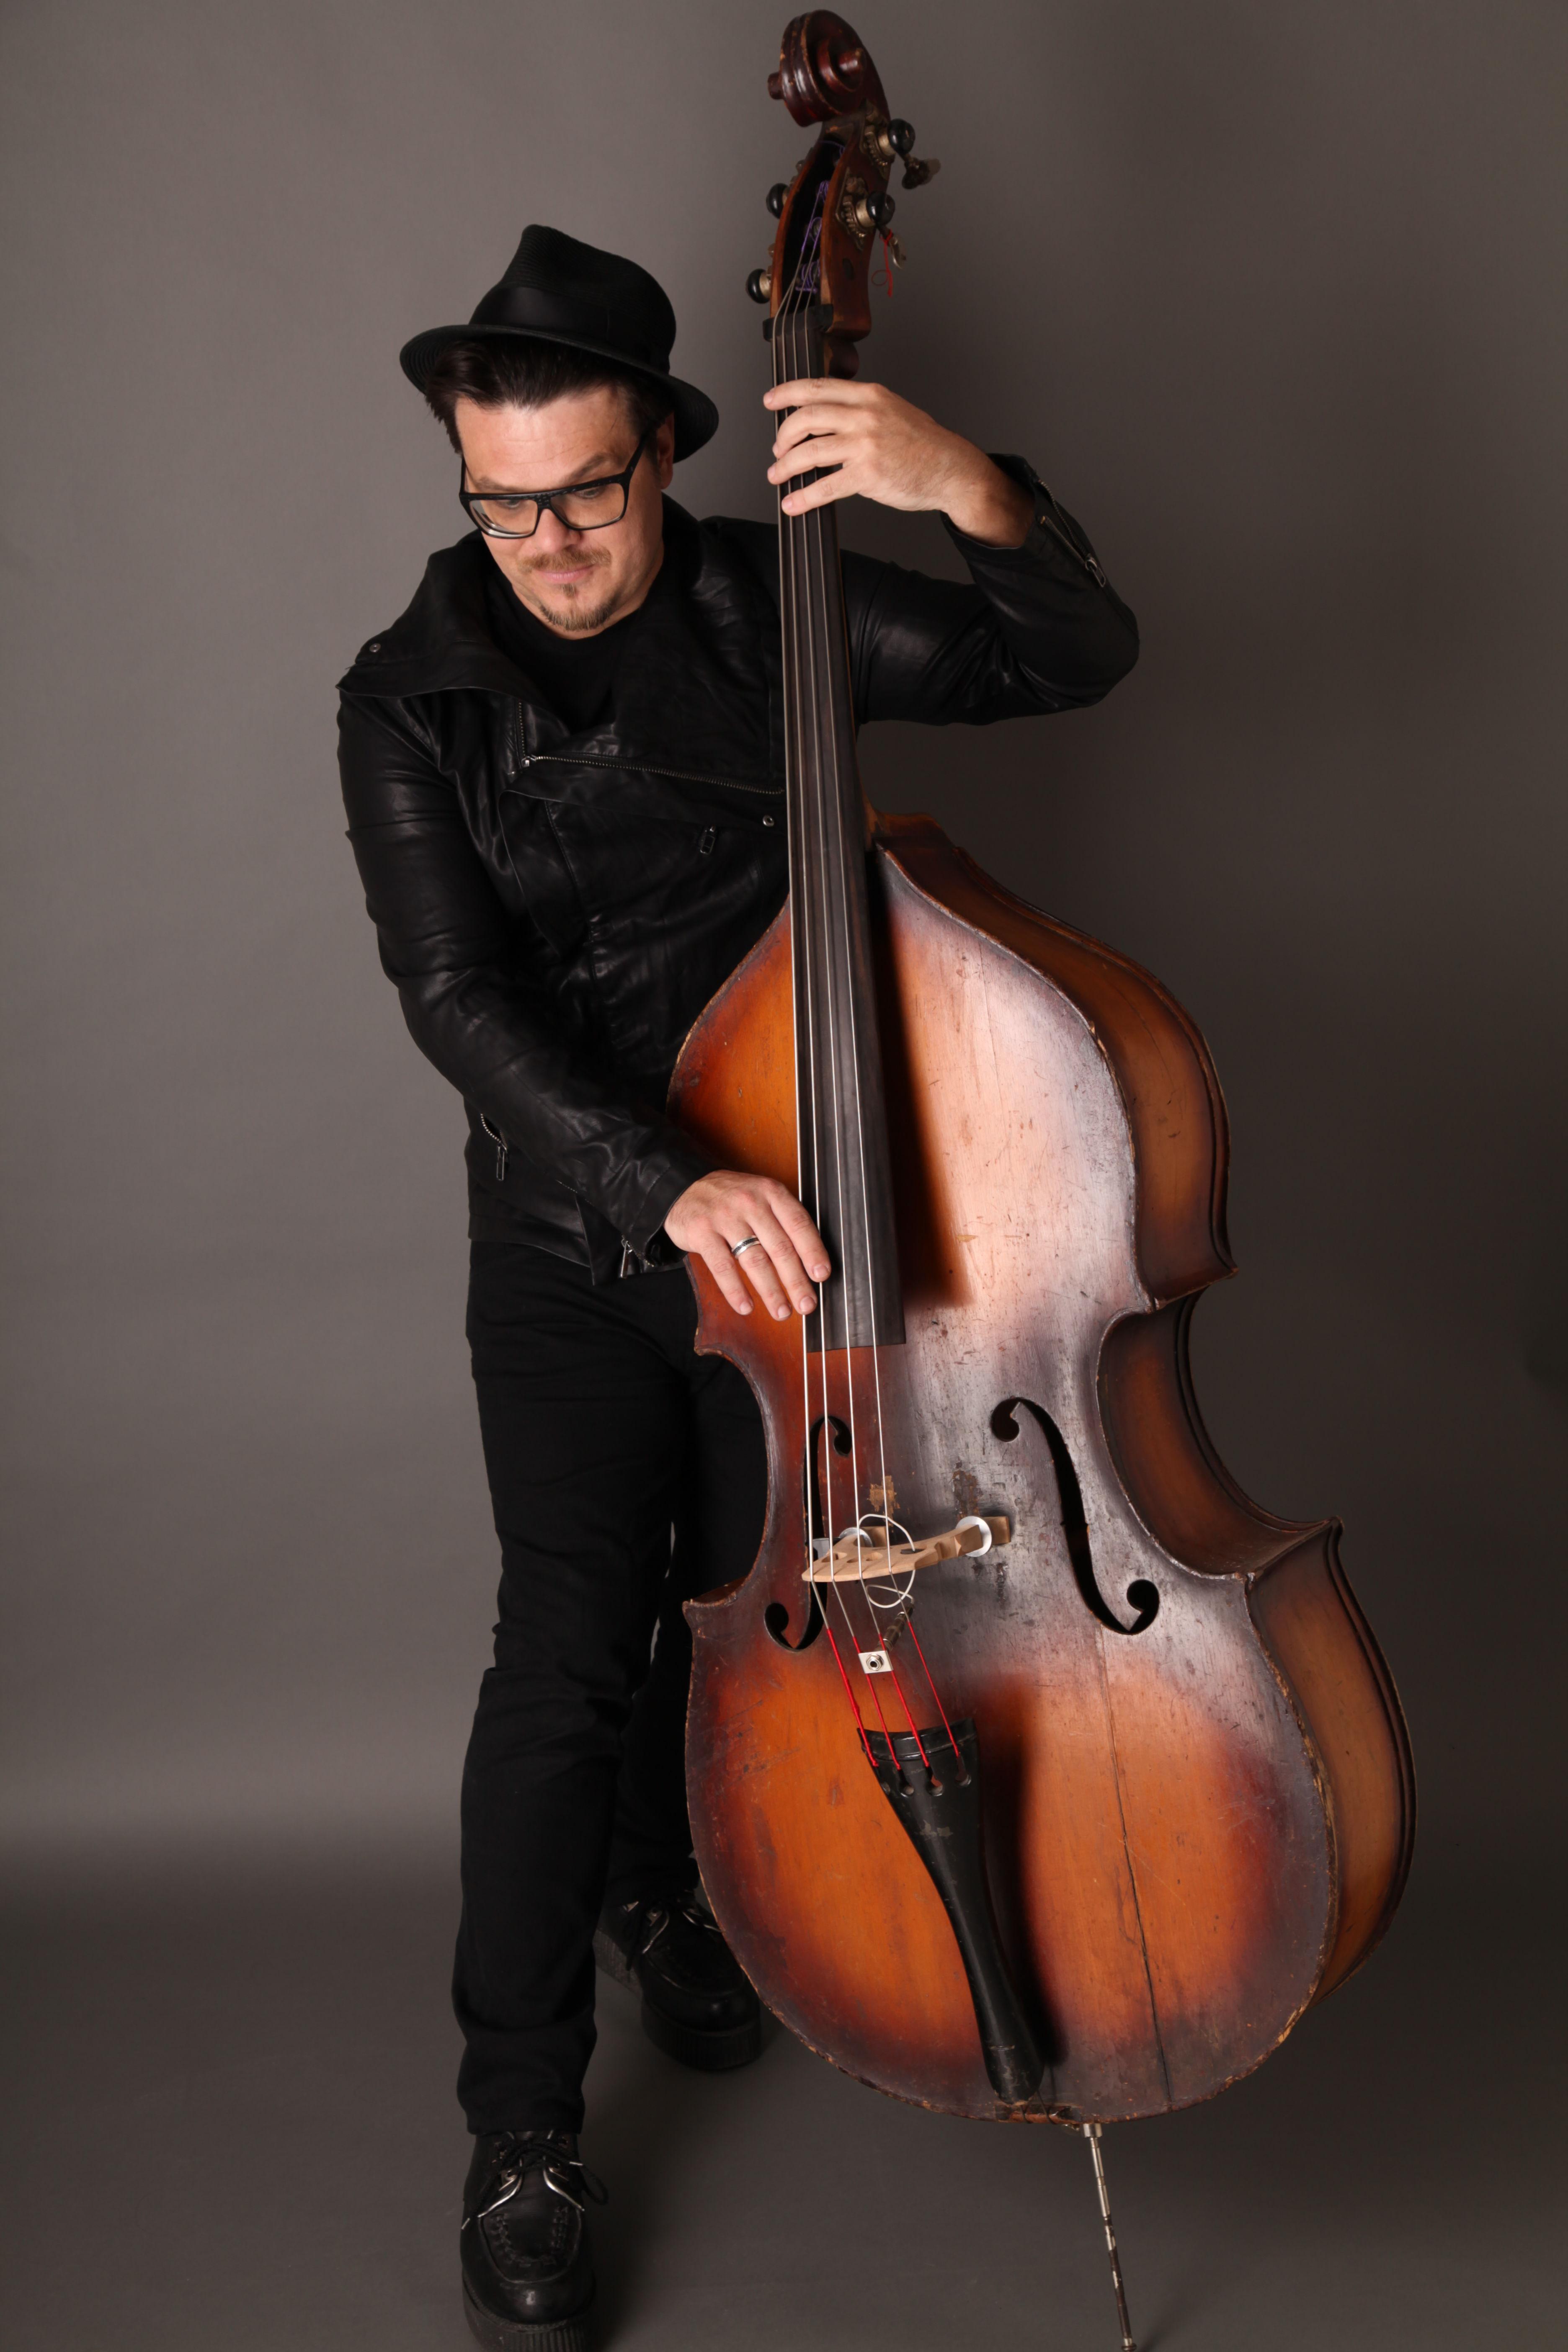 Nick Bresco Jazz singer